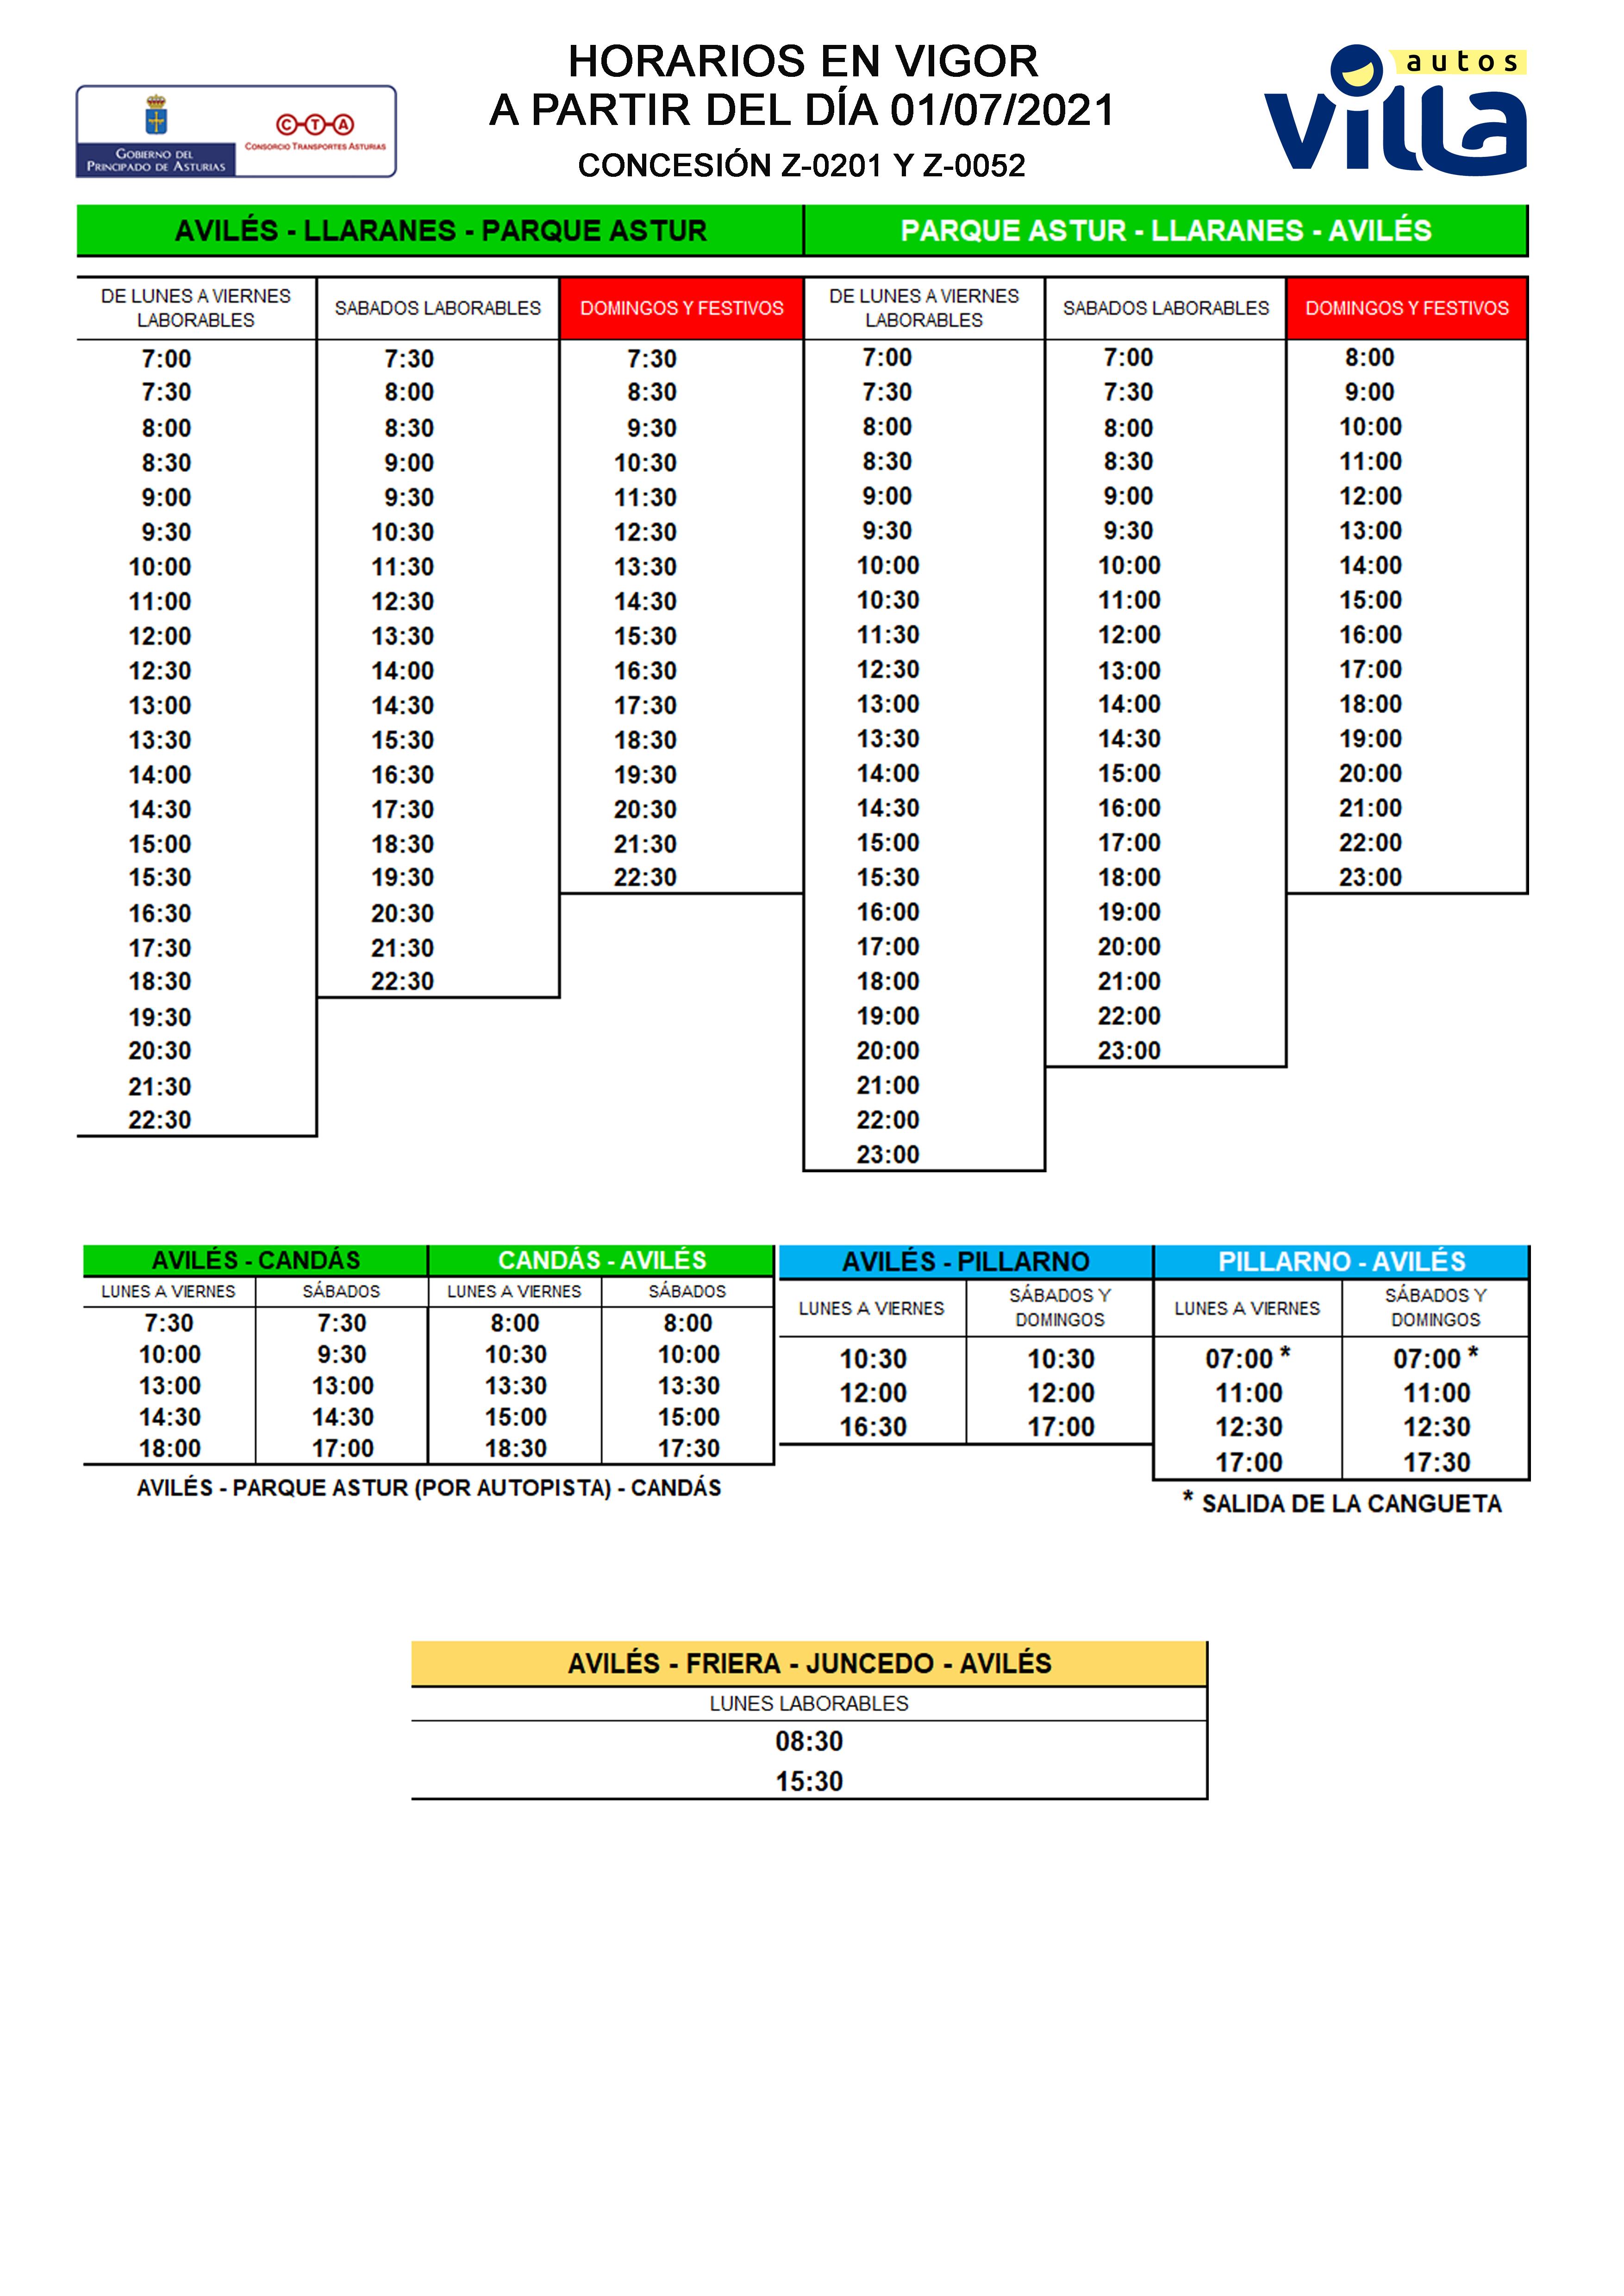 HORARIOS Z0201 Z0052 VILLA 01072021